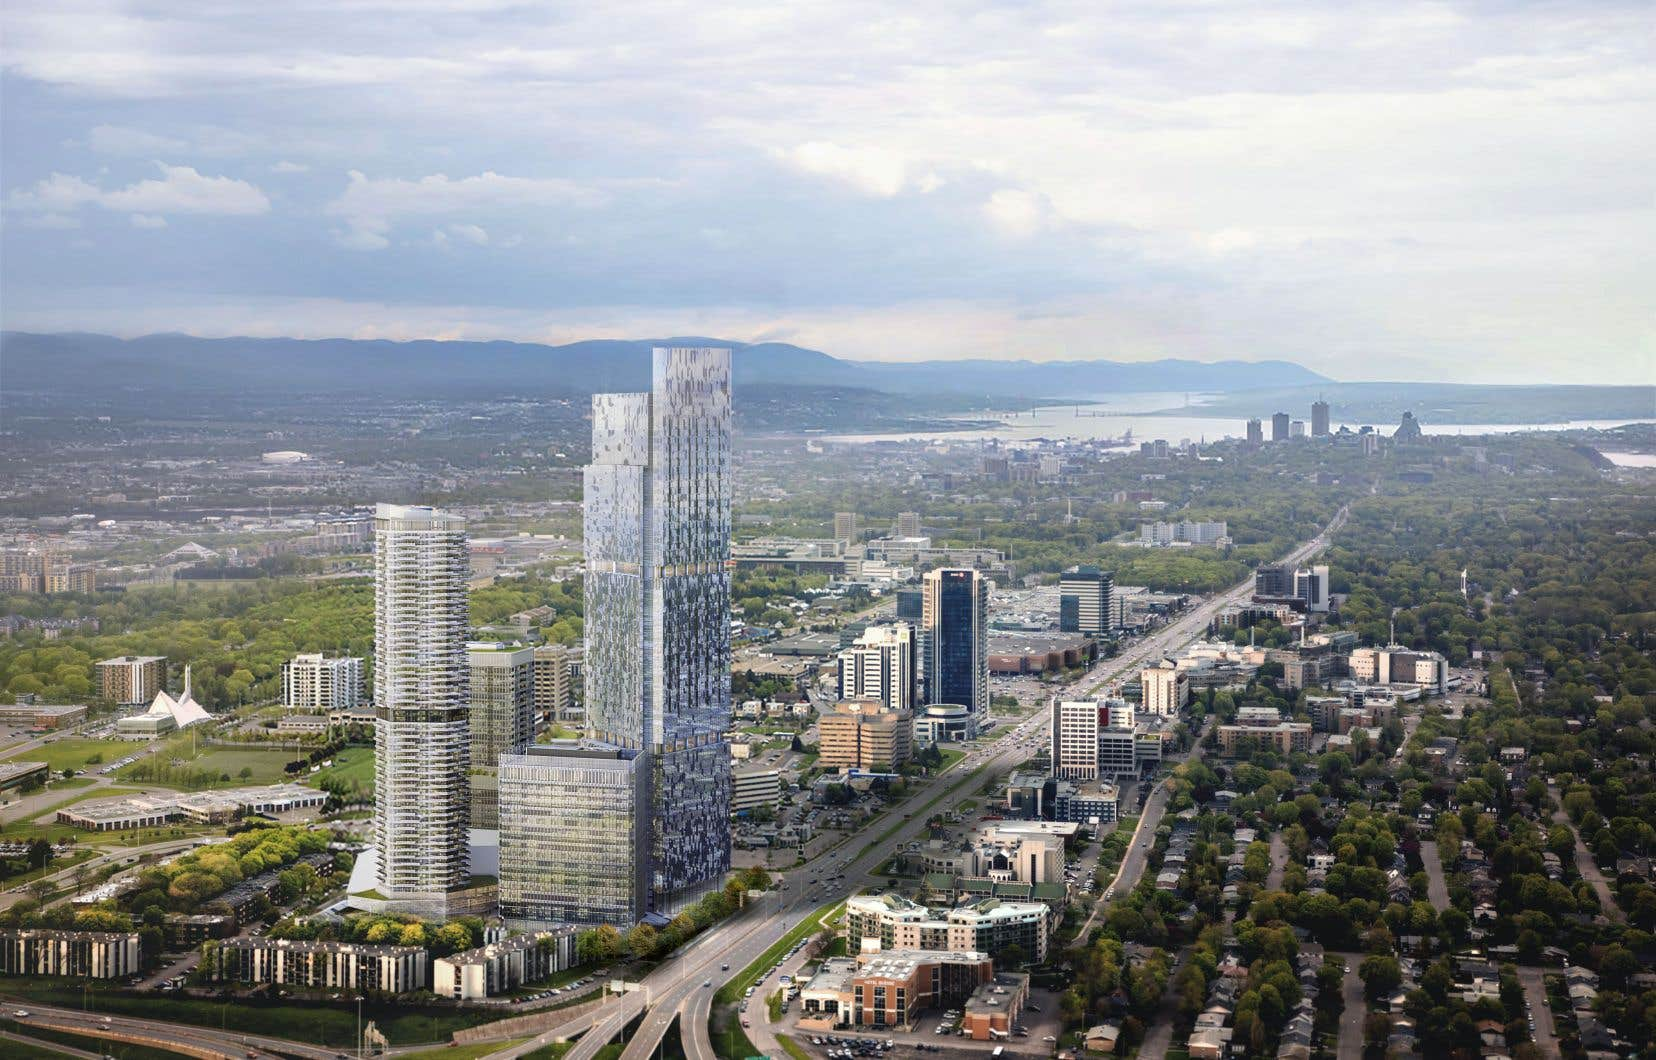 Le projet inclut des appartements, des locaux commerciaux, un observatoire au dernier étage et une salle de spectacle.